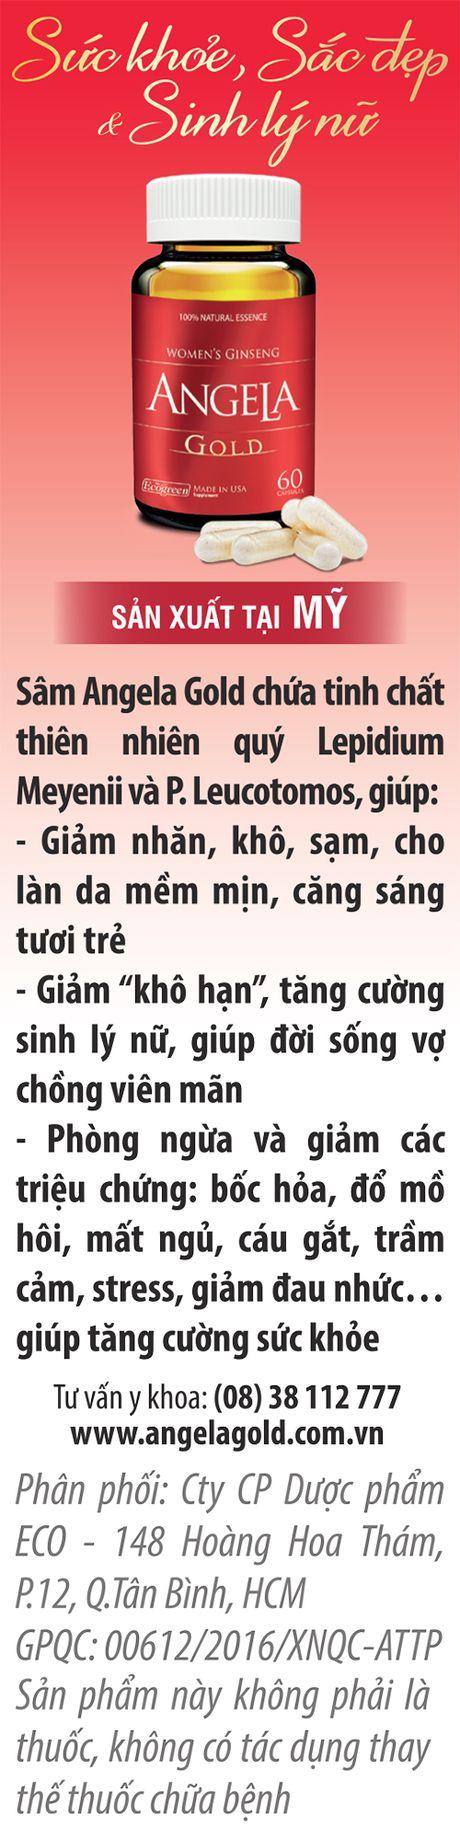 Phu nu cham 'man kinh' nho… chong? - Anh 2